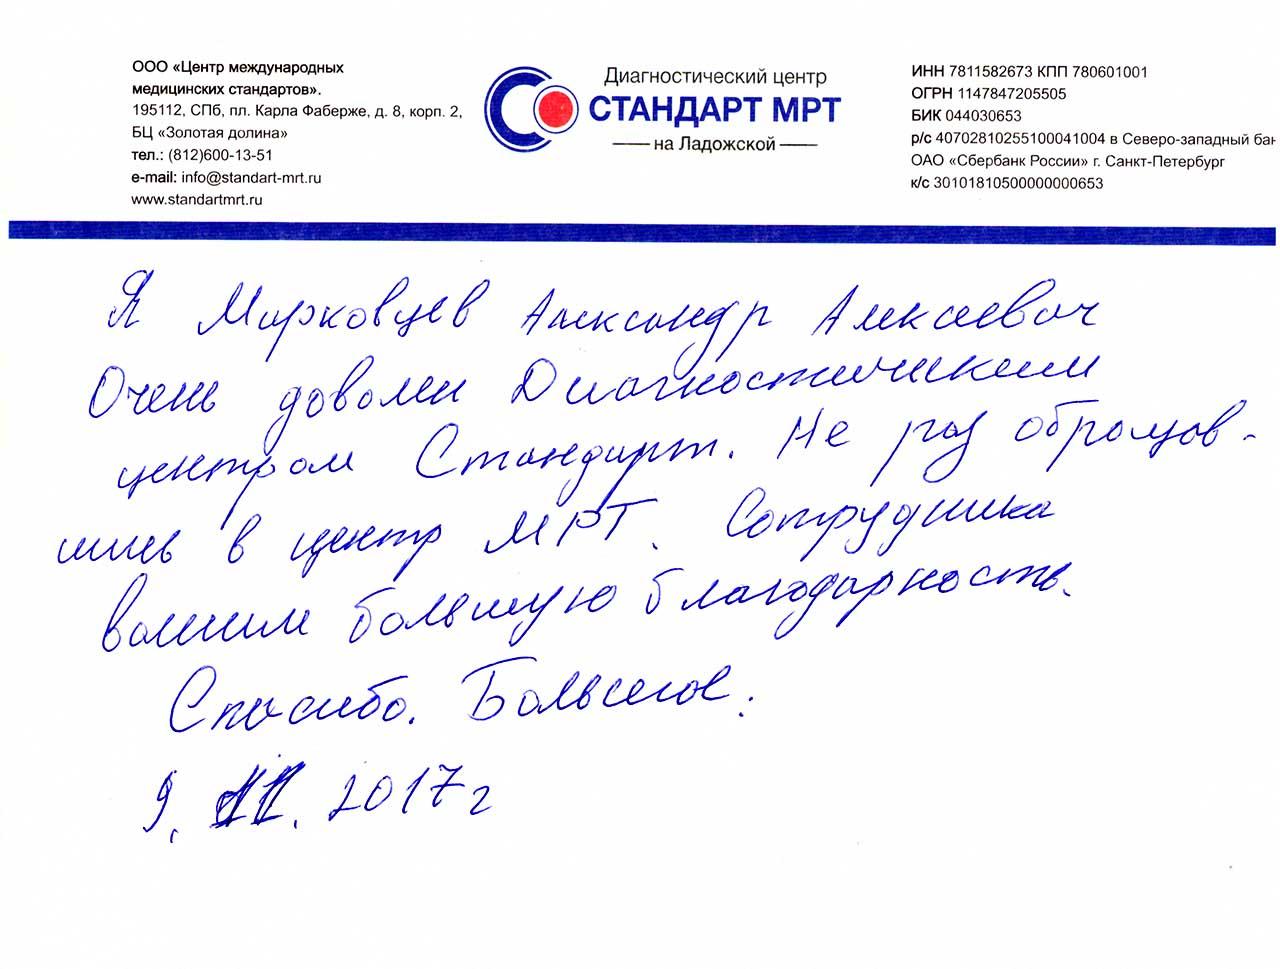 Отзыв о Стандарт МРТ в Спб на Ладожской